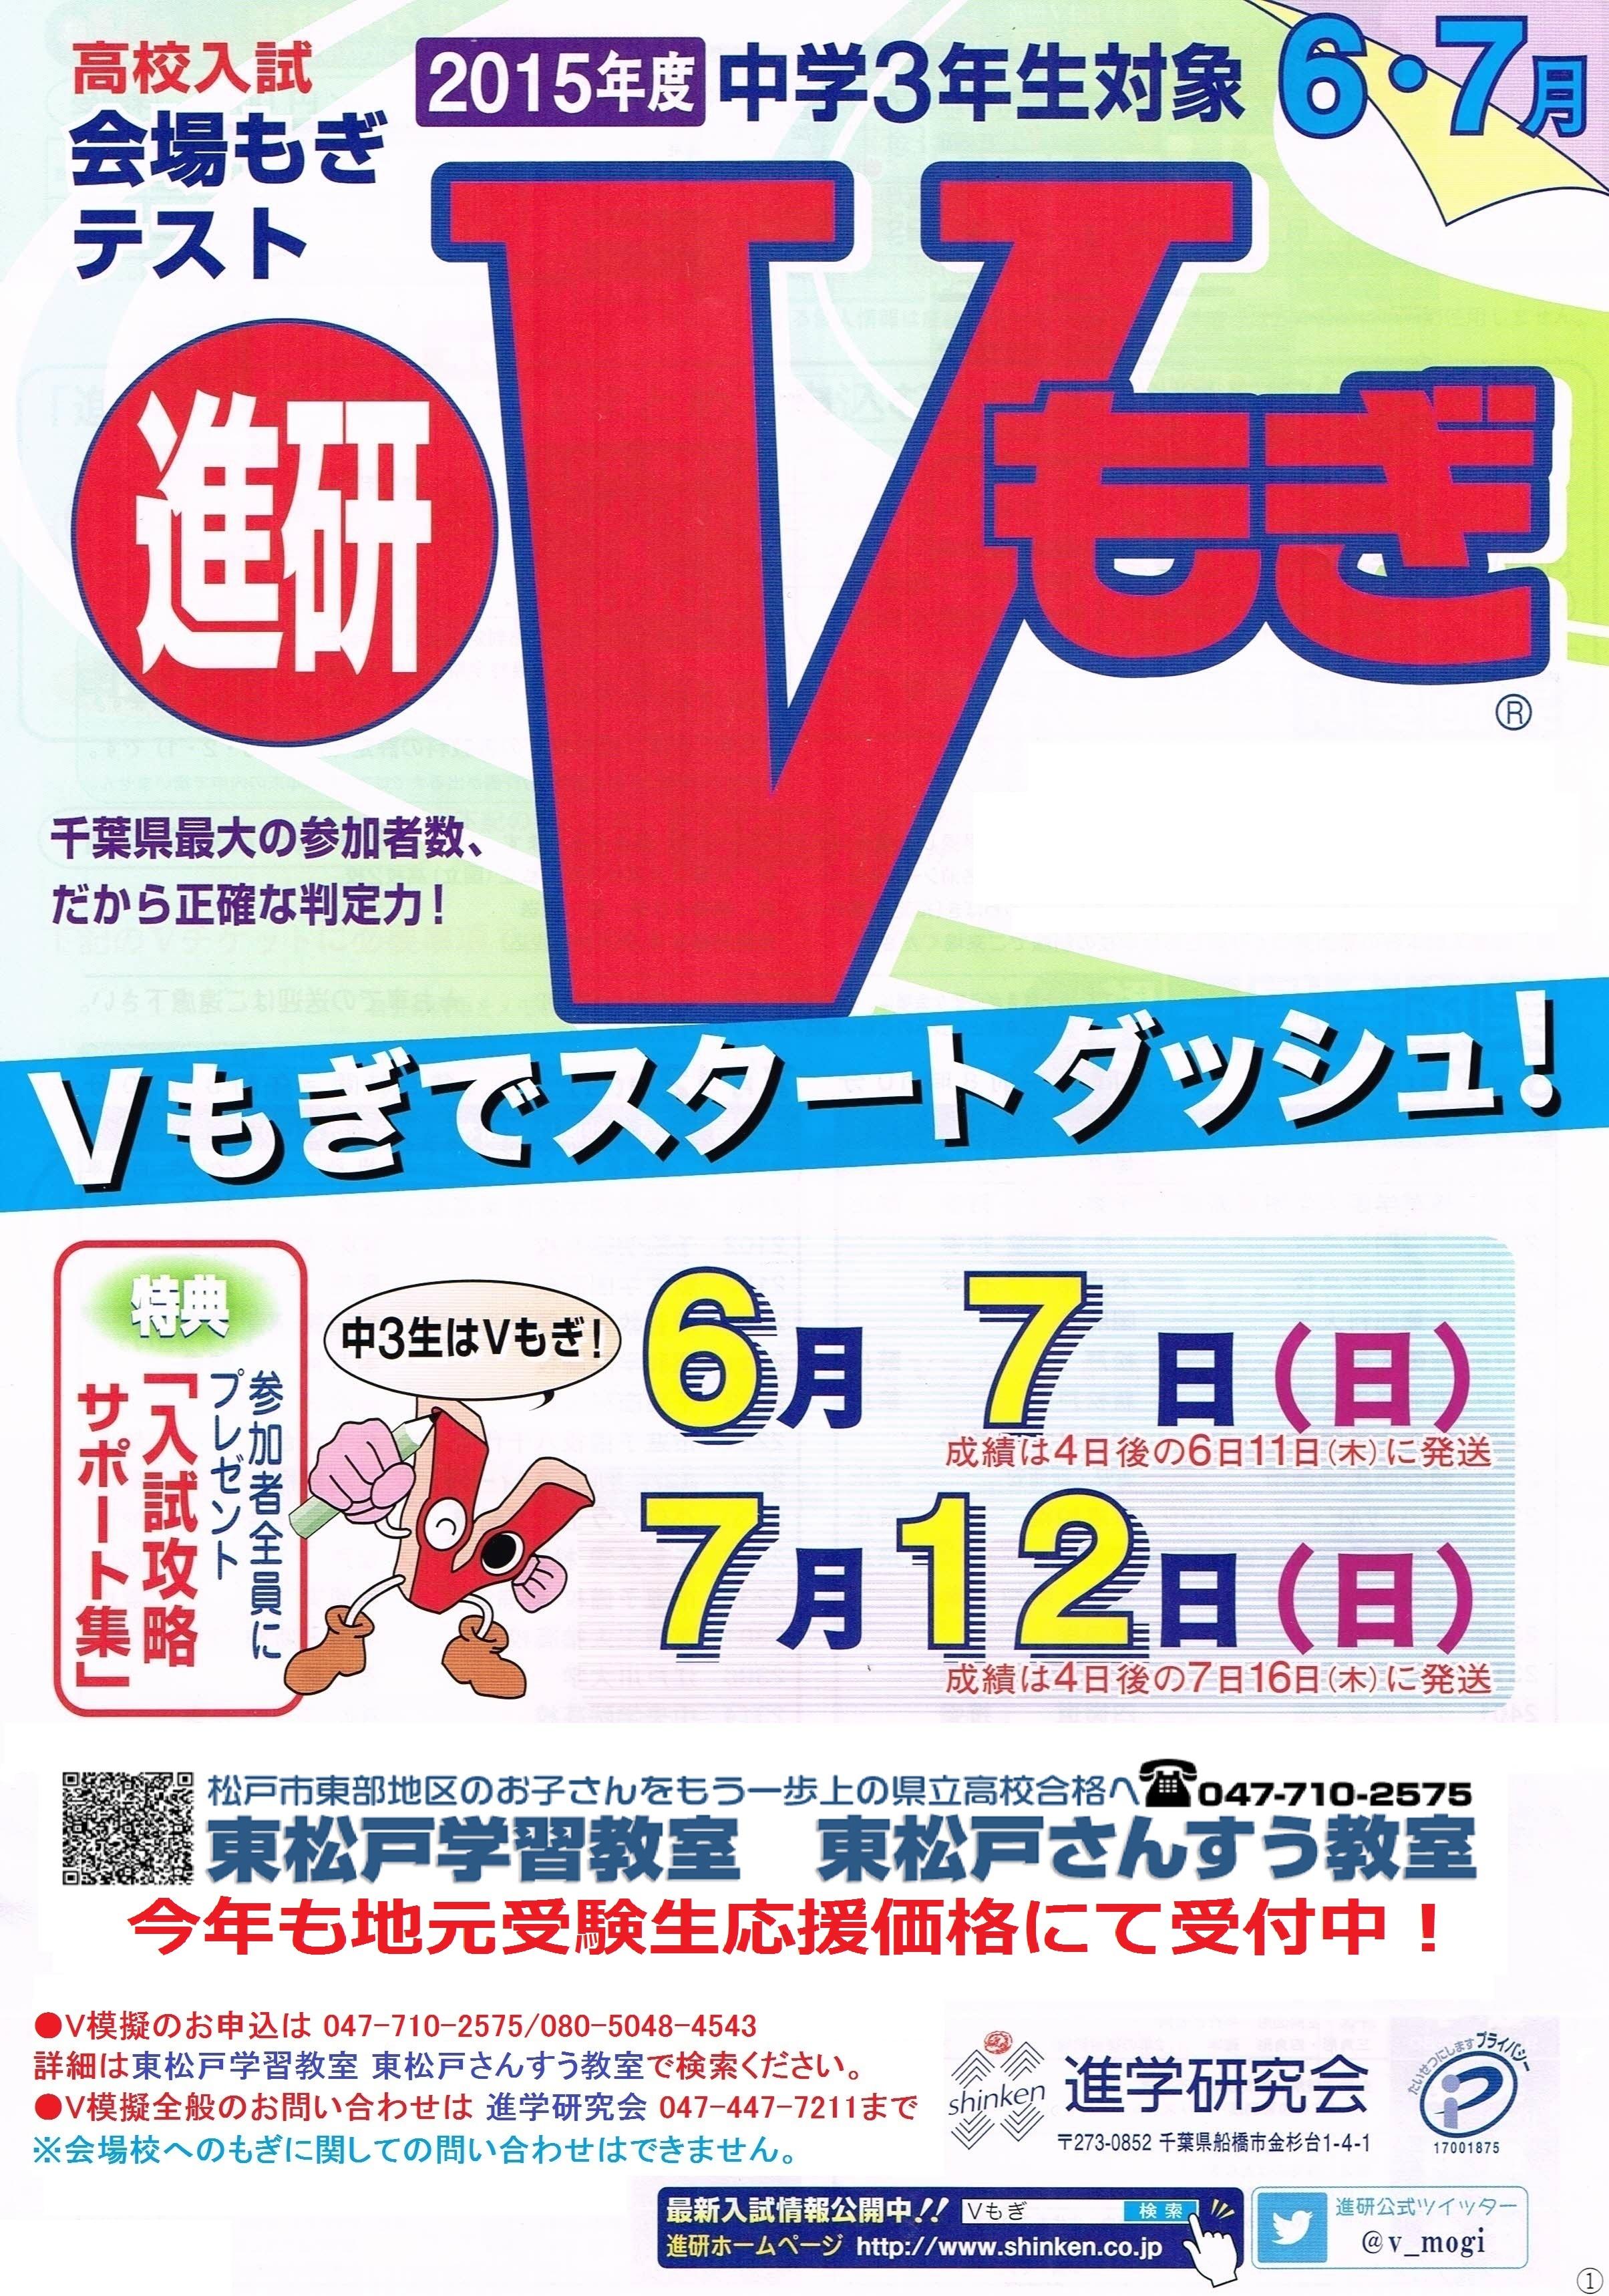 2015V模擬広告-5